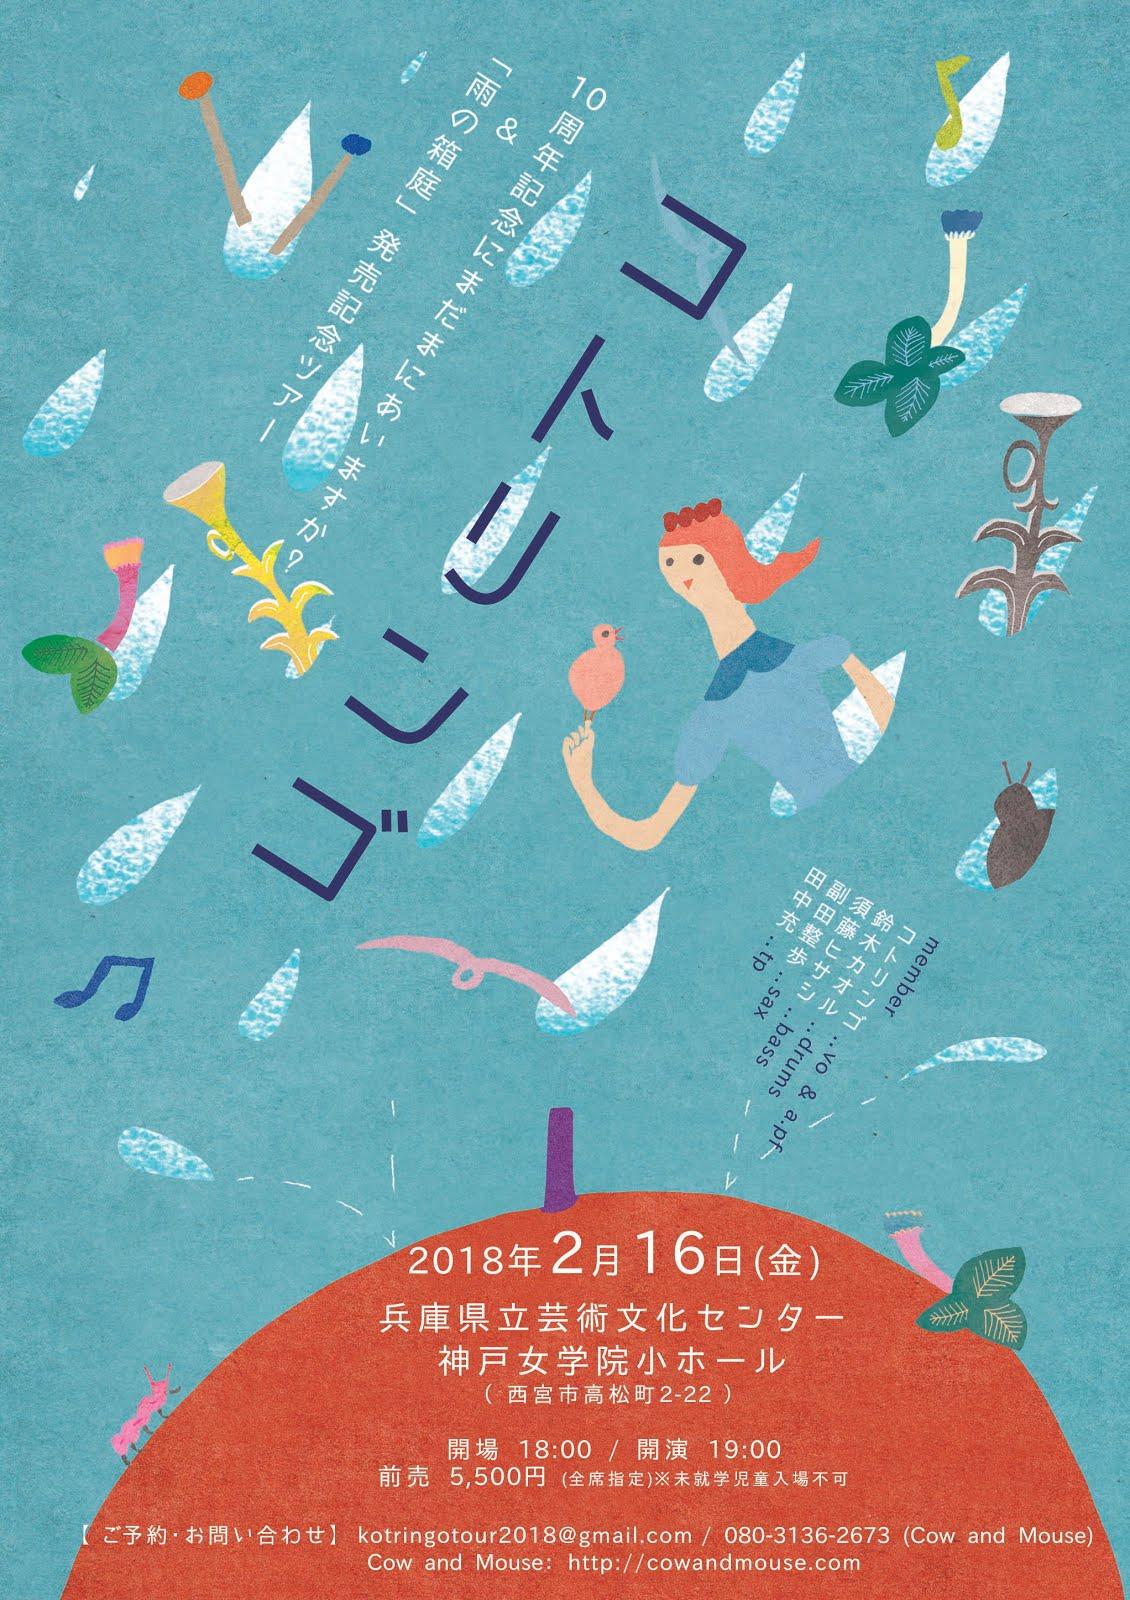 コトリンゴ 10周年記念にまだまにあいますか?&「雨の箱庭」発売記念ツアー@兵庫公演